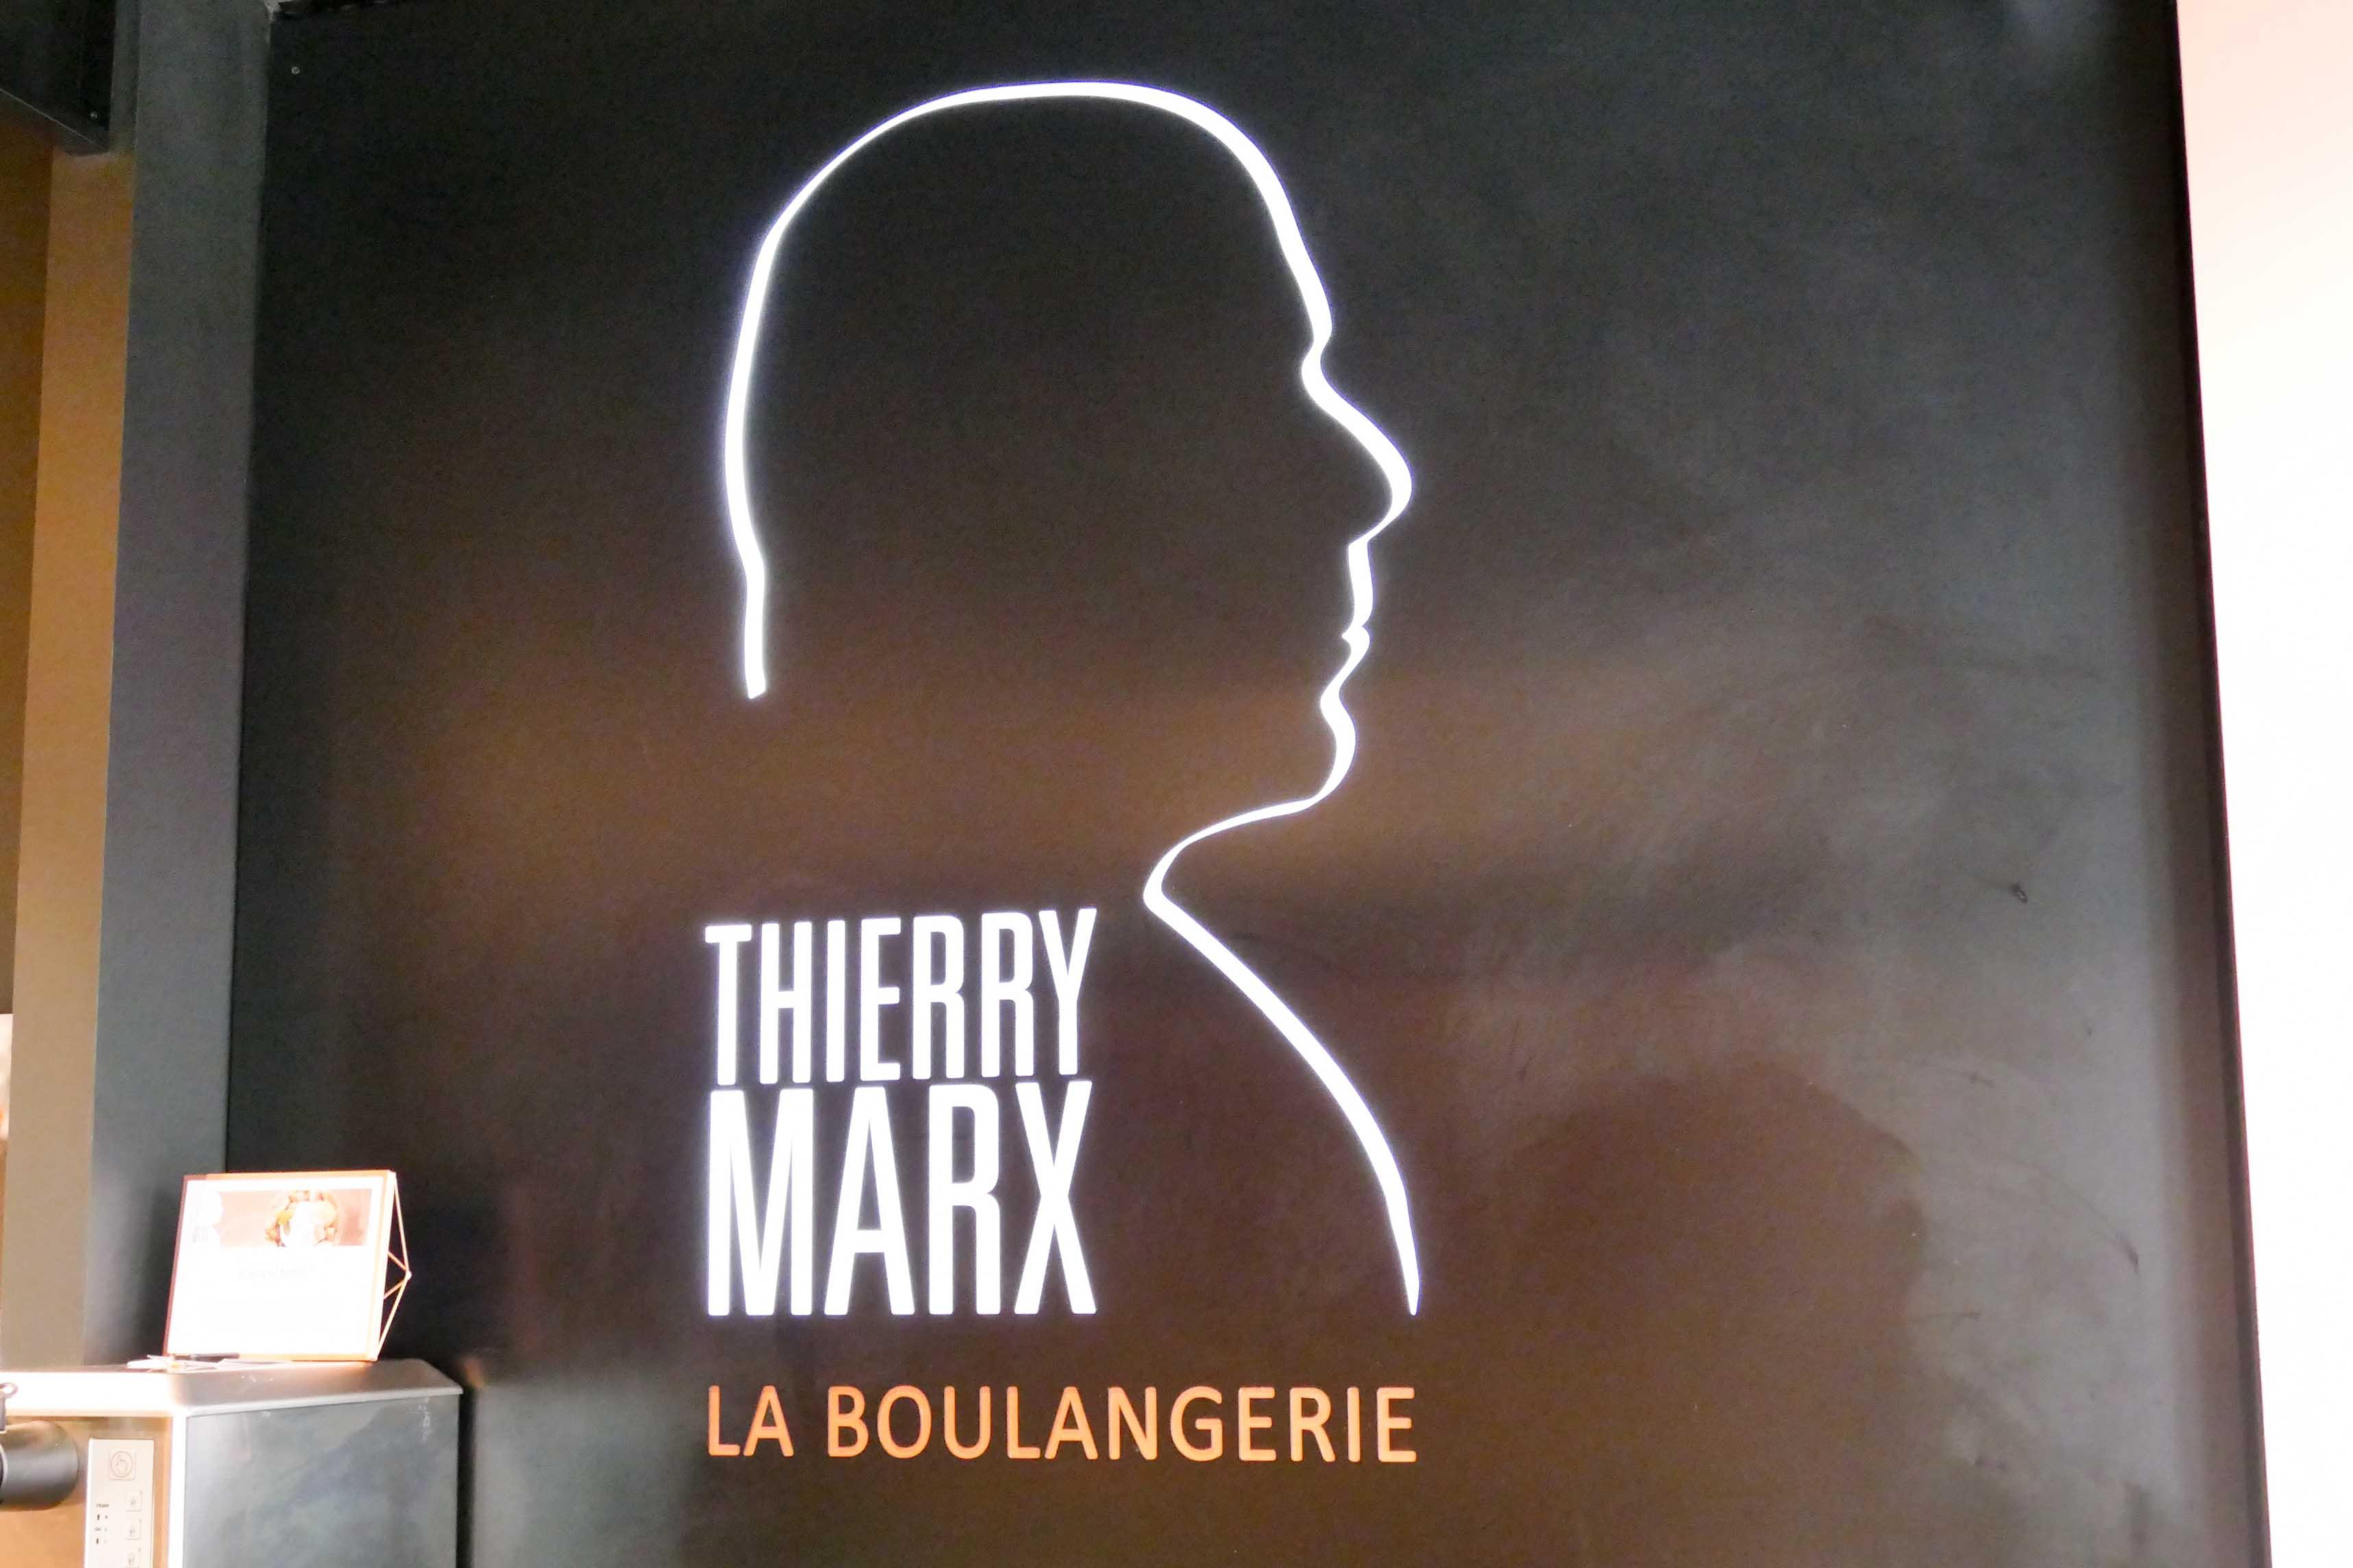 La Boulangerie de Thierry Marx à Paris